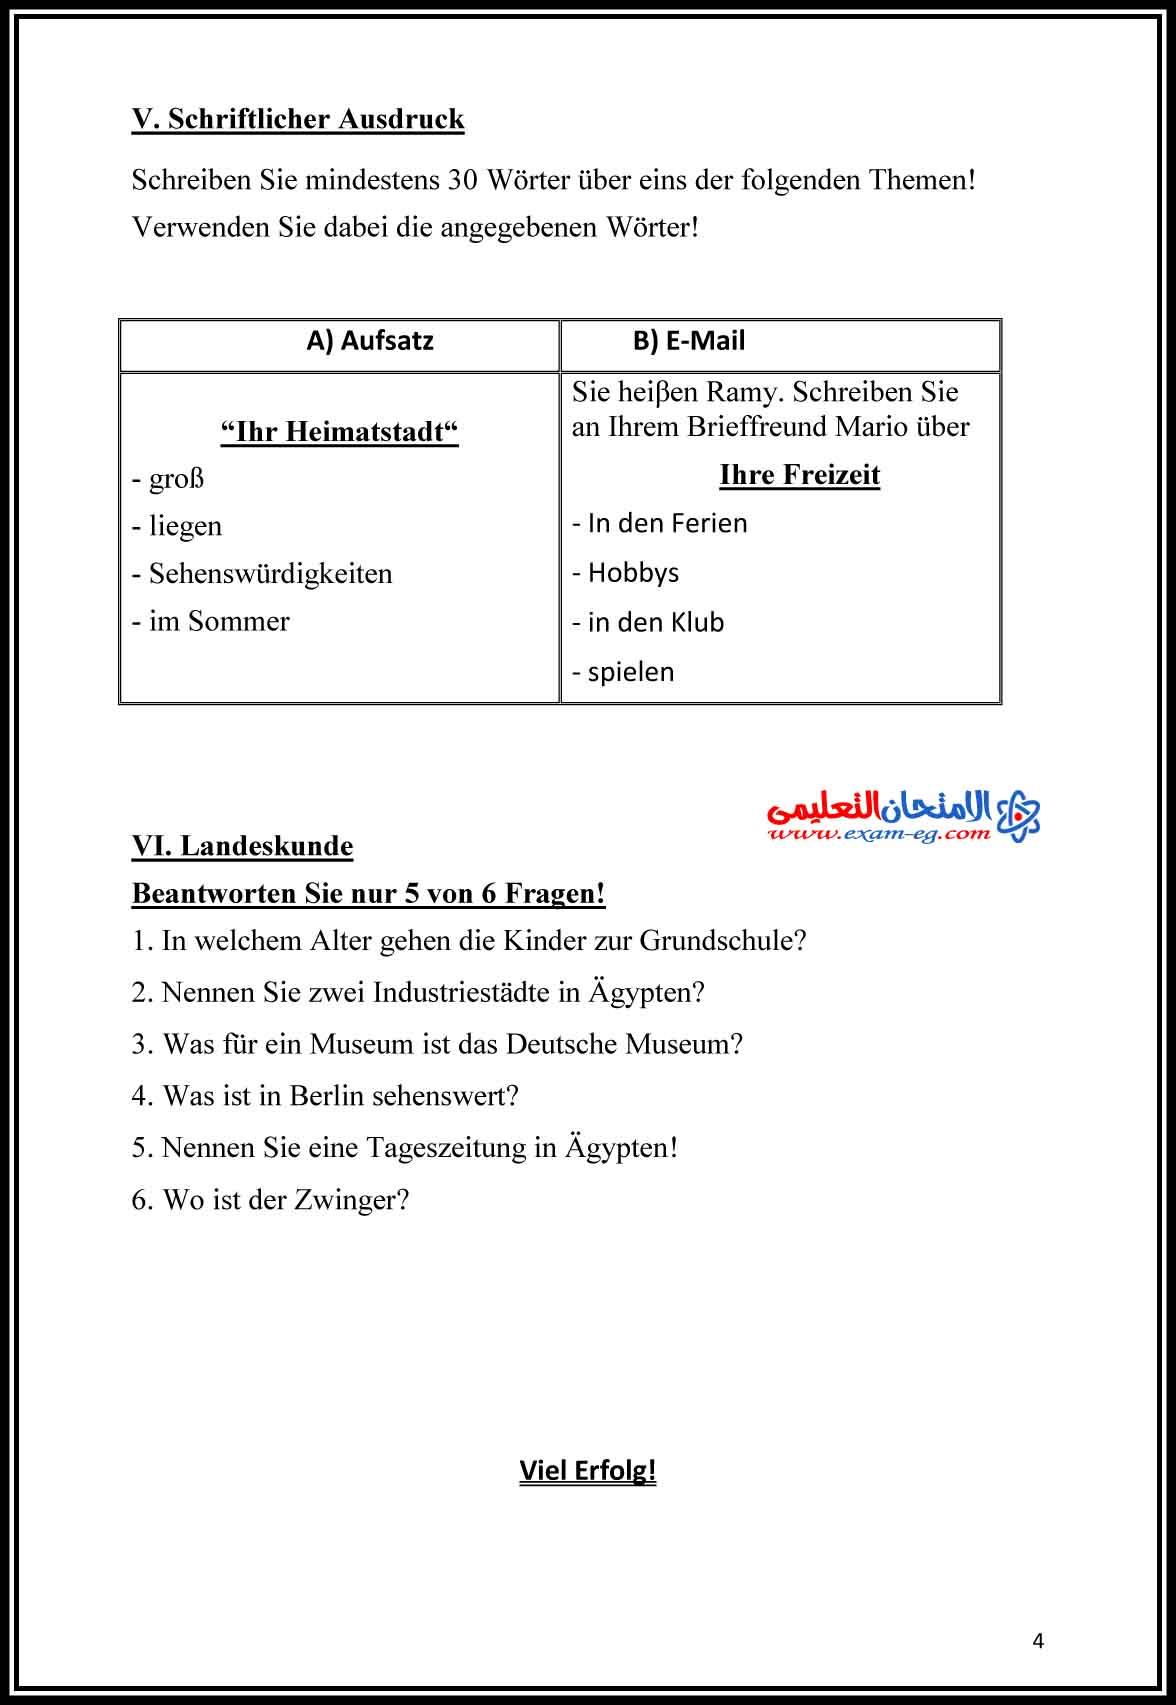 امتحان الوزارة فى اللغة الالمانية 3